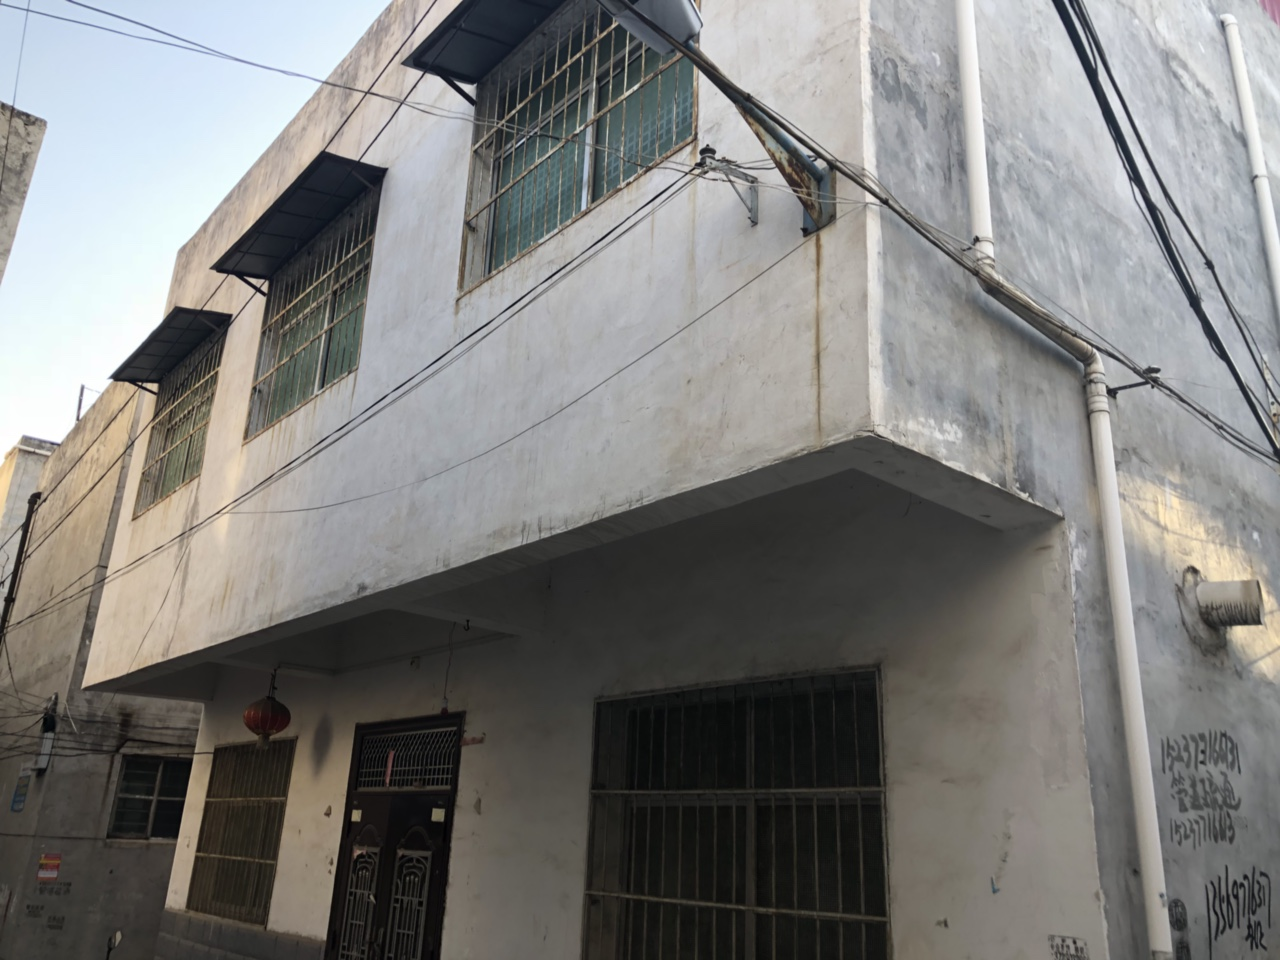 新建路独栋小楼3室2厅1卫37万元